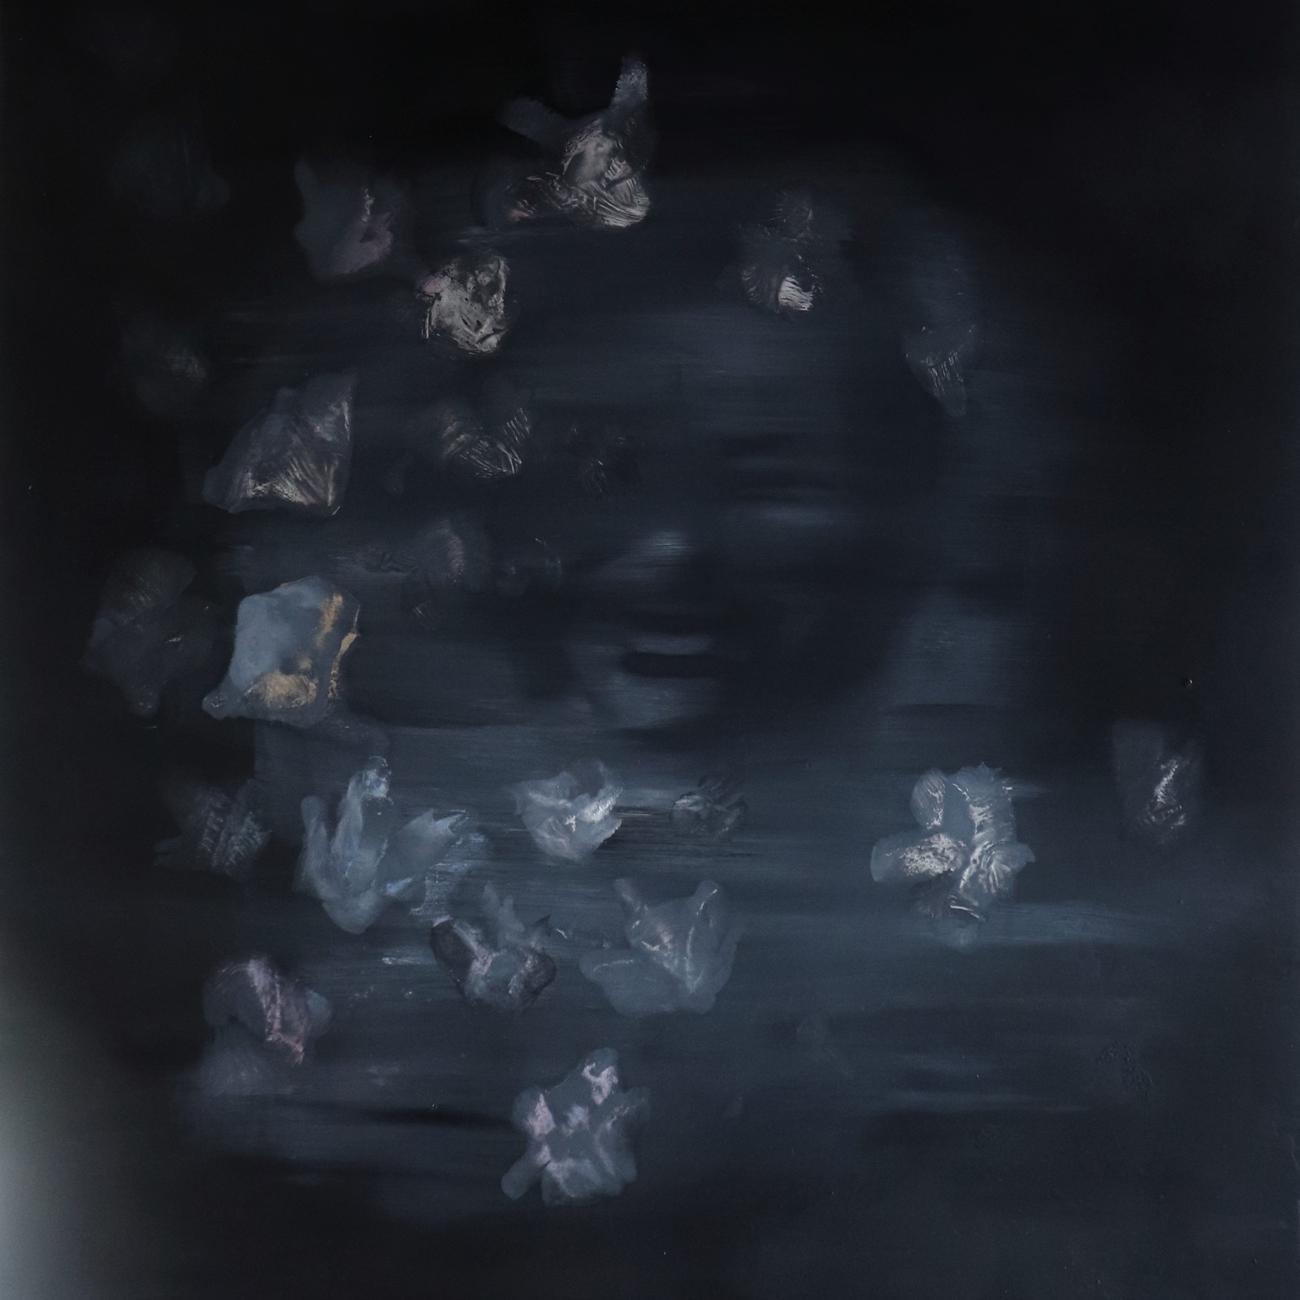 Heinäkuun kuukauden taiteilija: Essu Koskinen